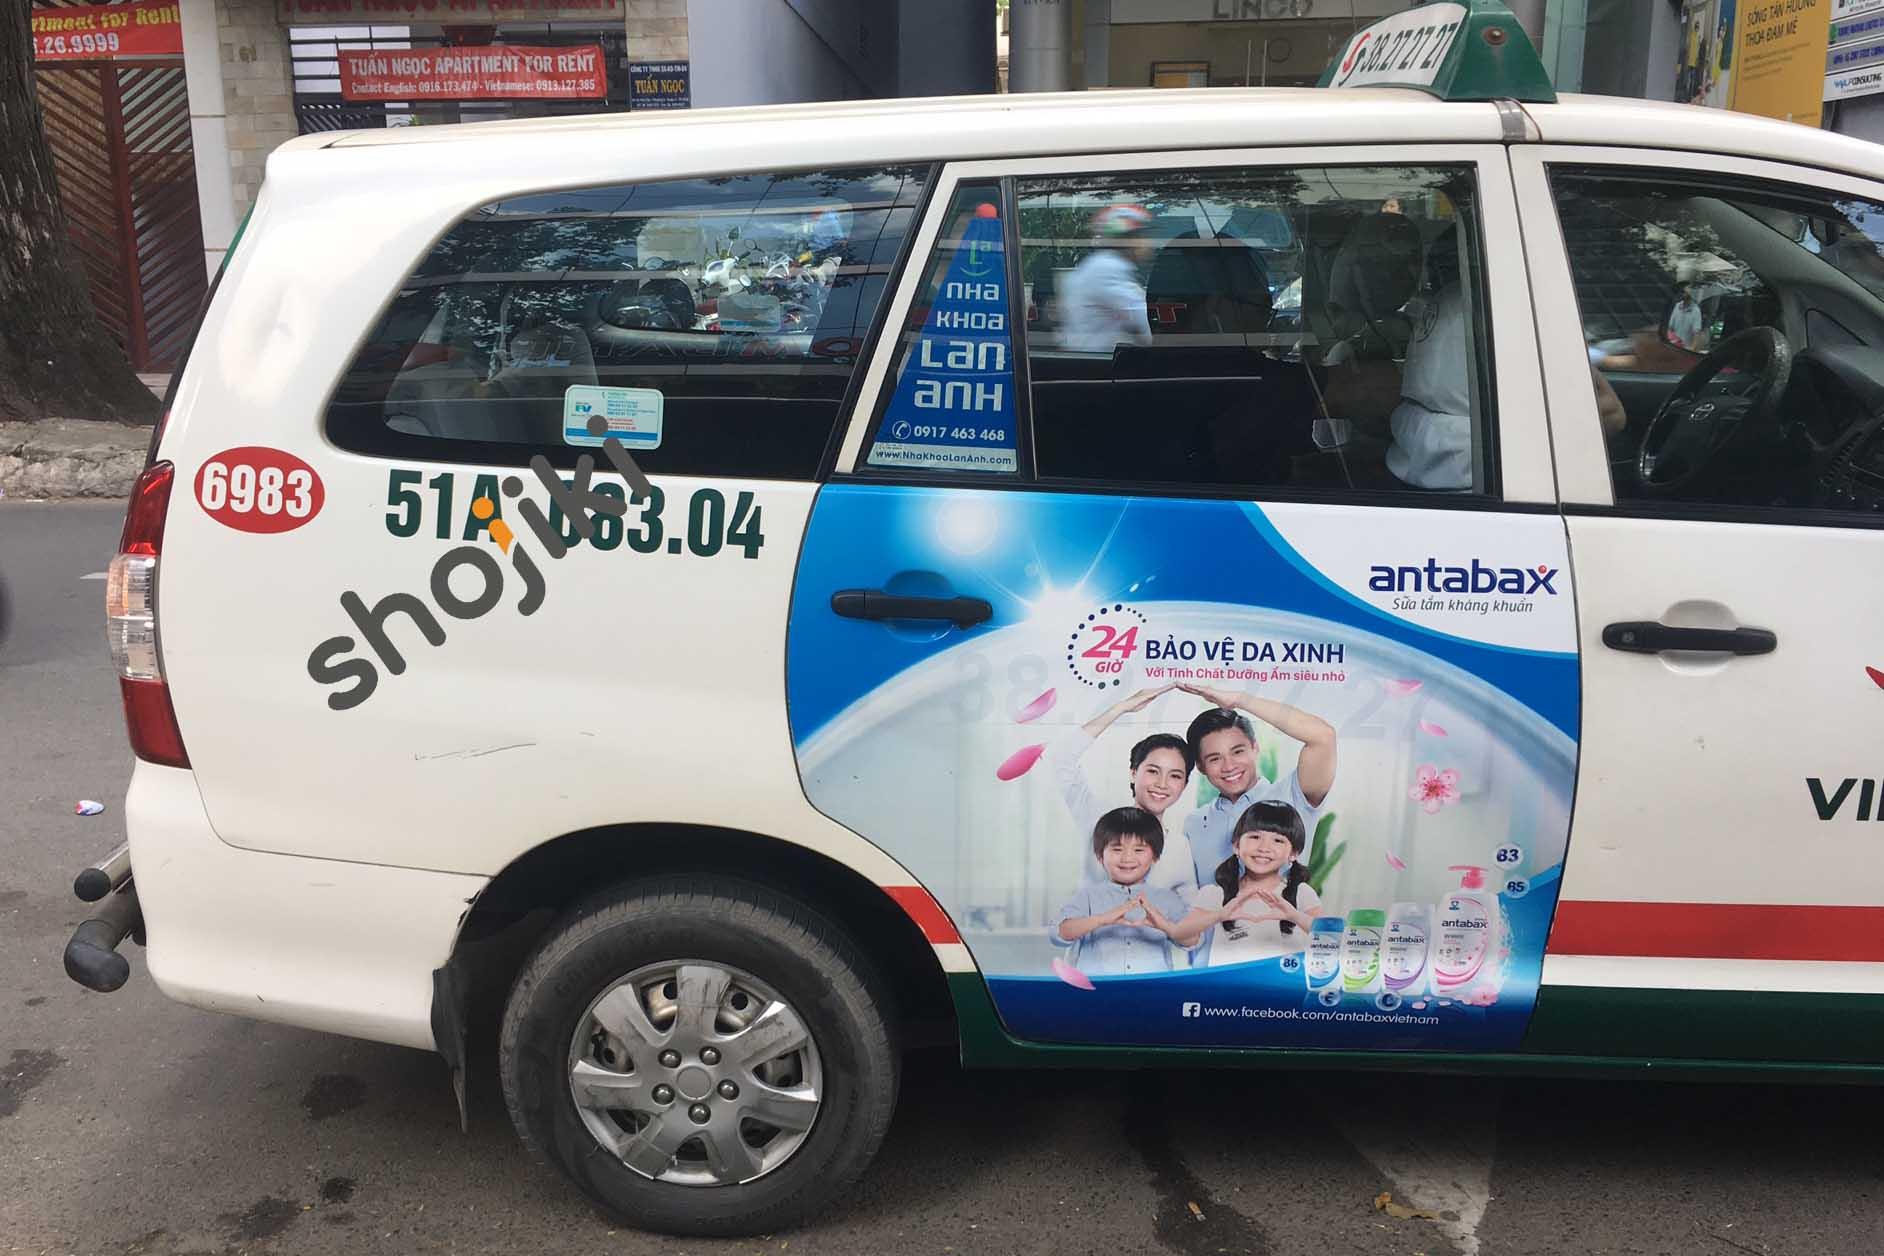 Quảng cáo taxi cửa hông Vinasun